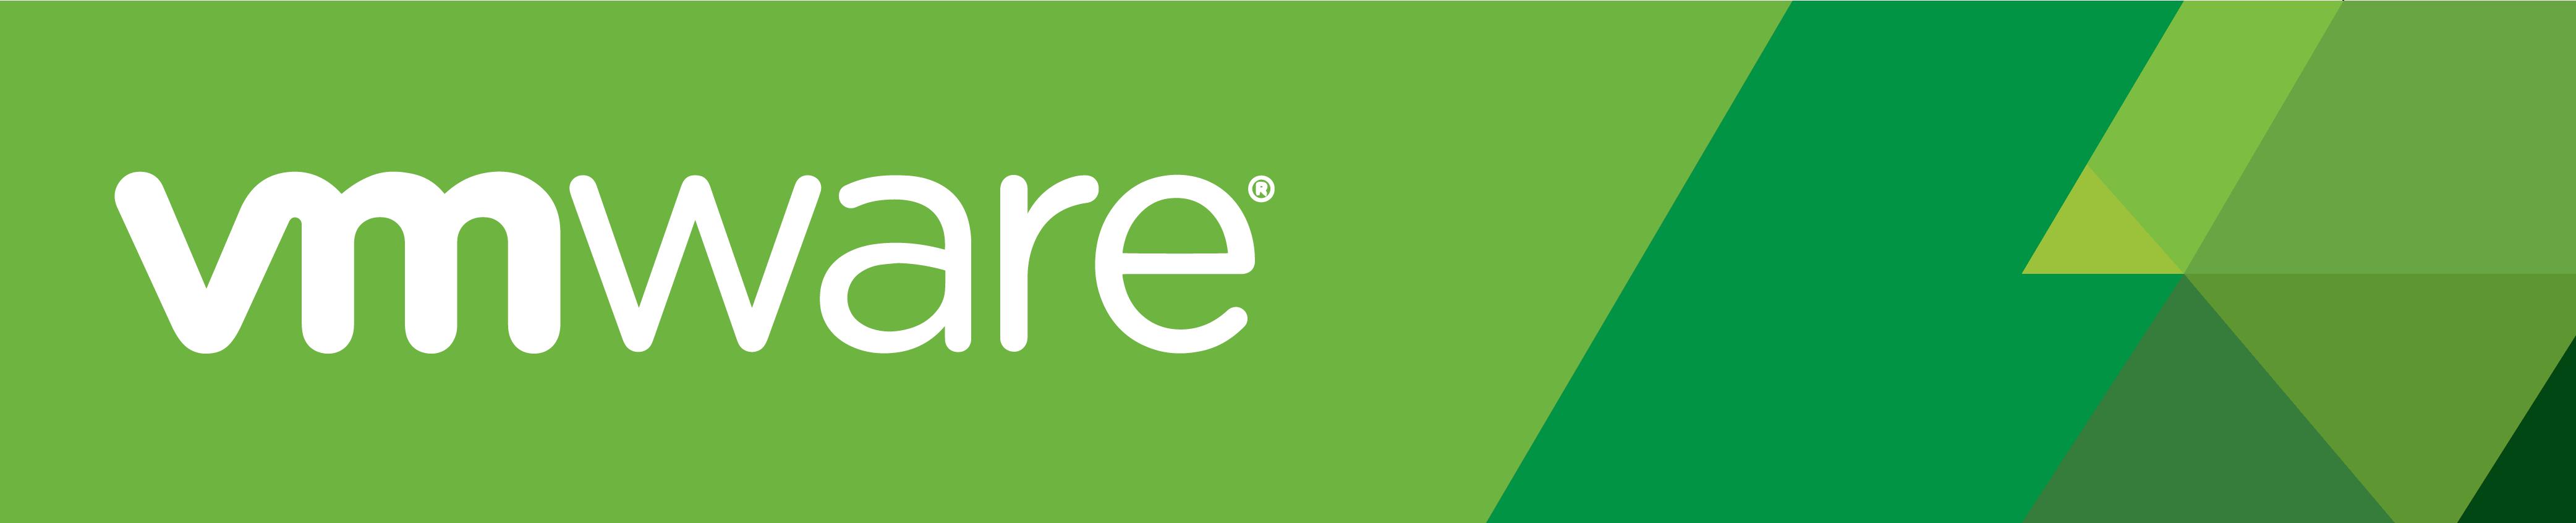 vmware-sanallaştırma-aracı